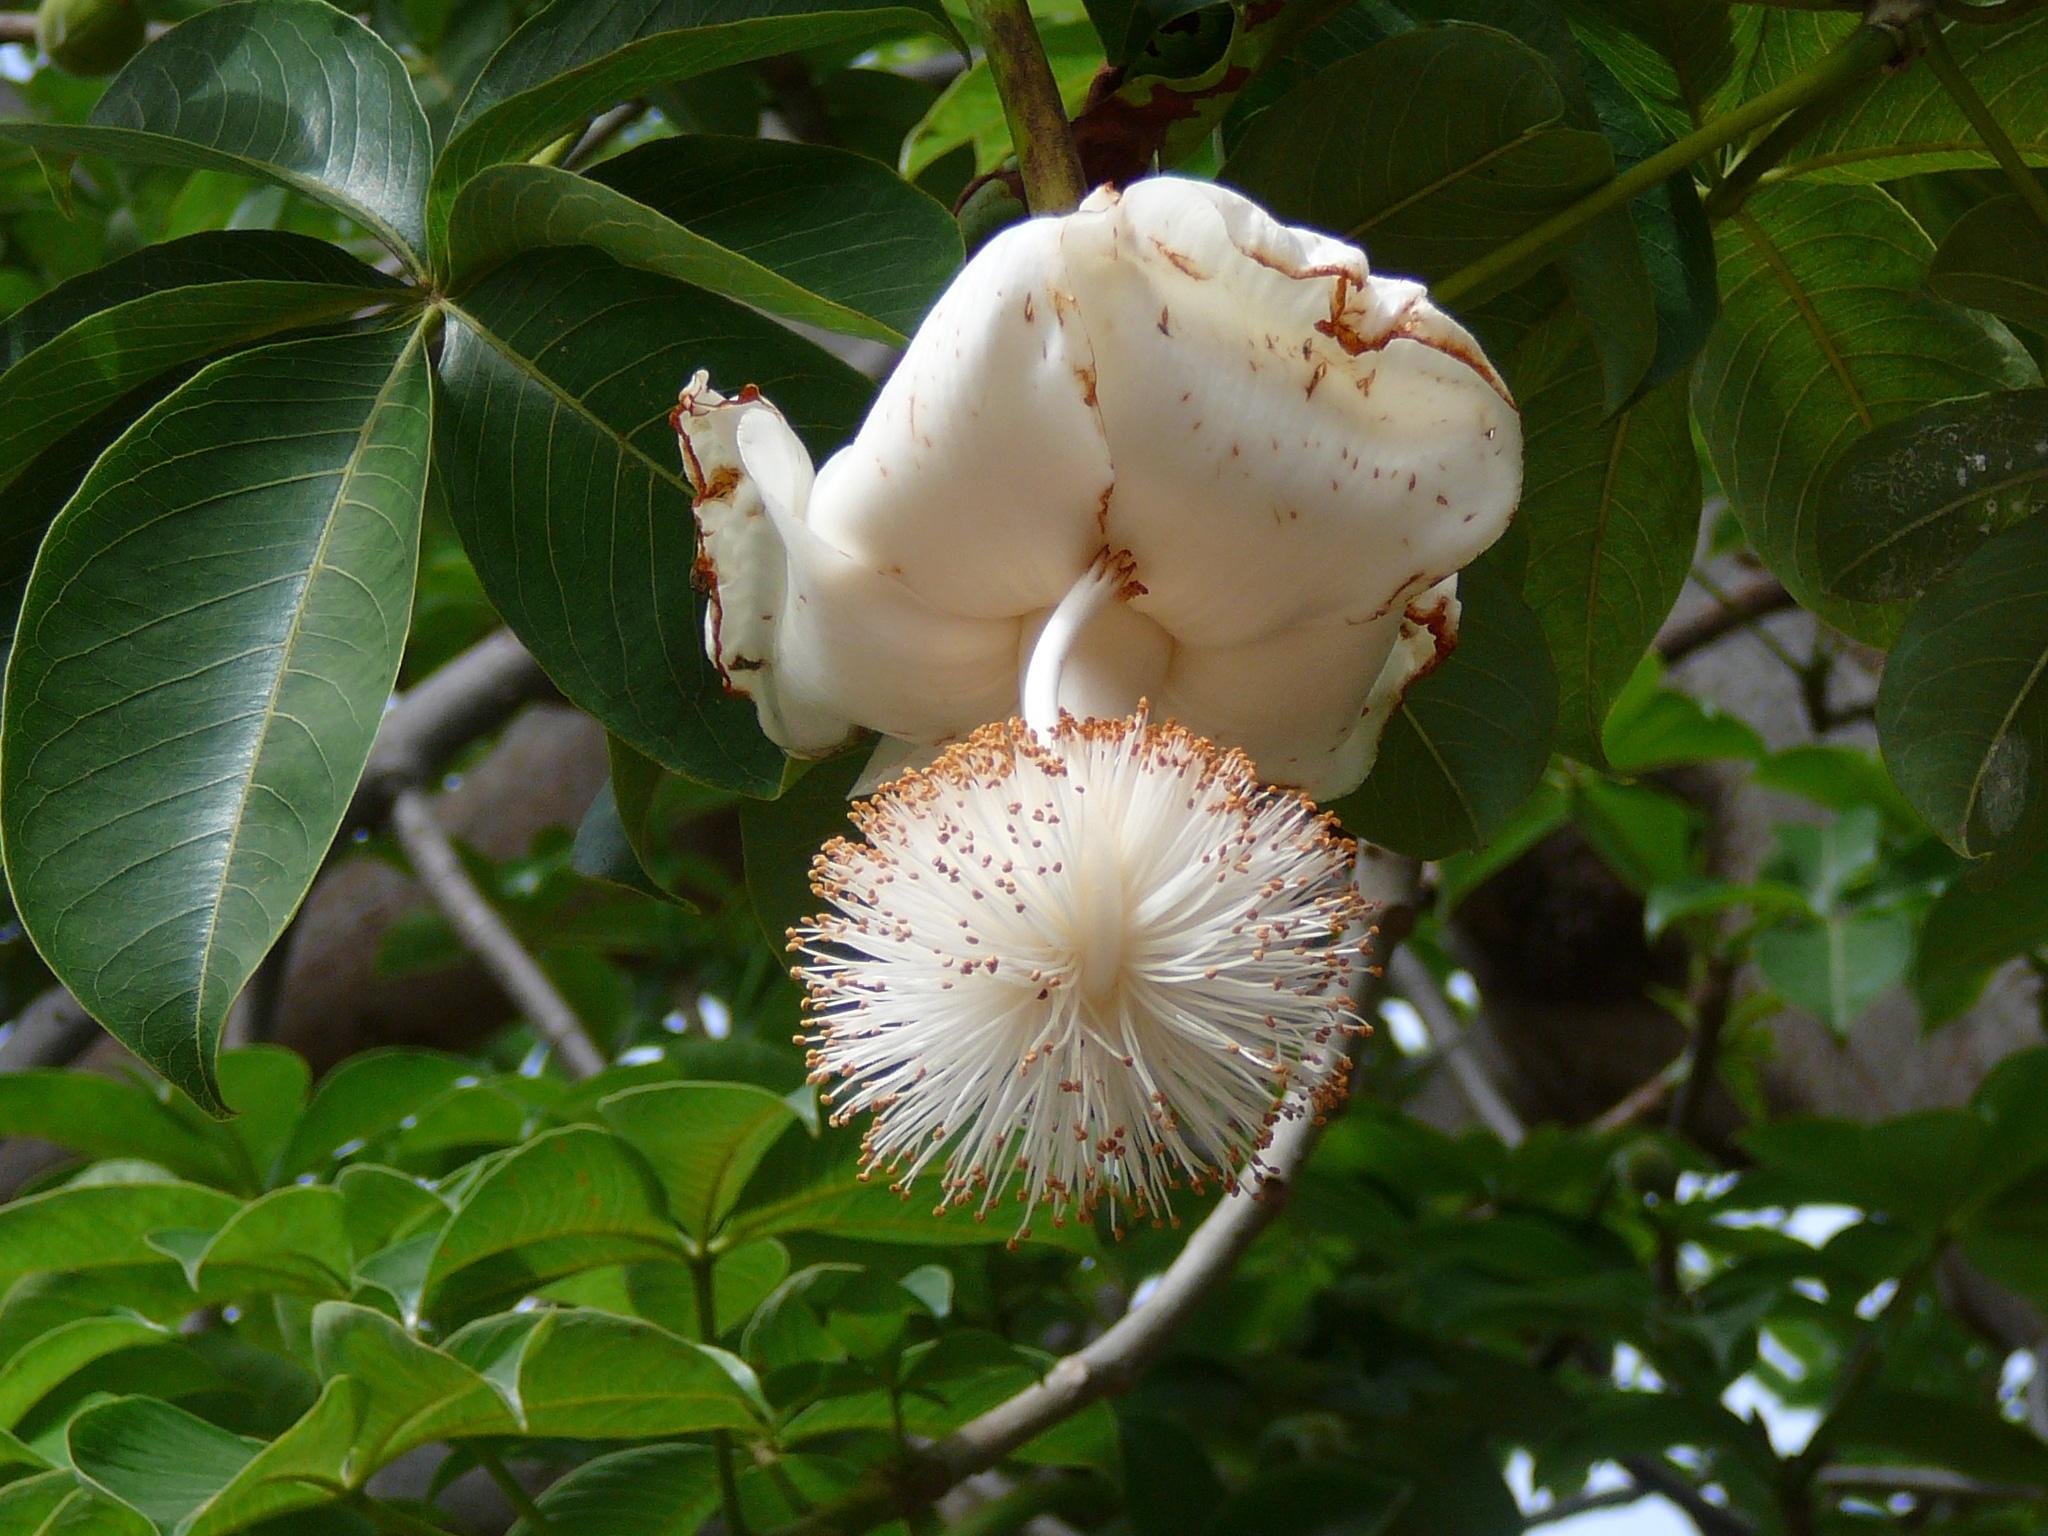 Las flores del baobab son blancas